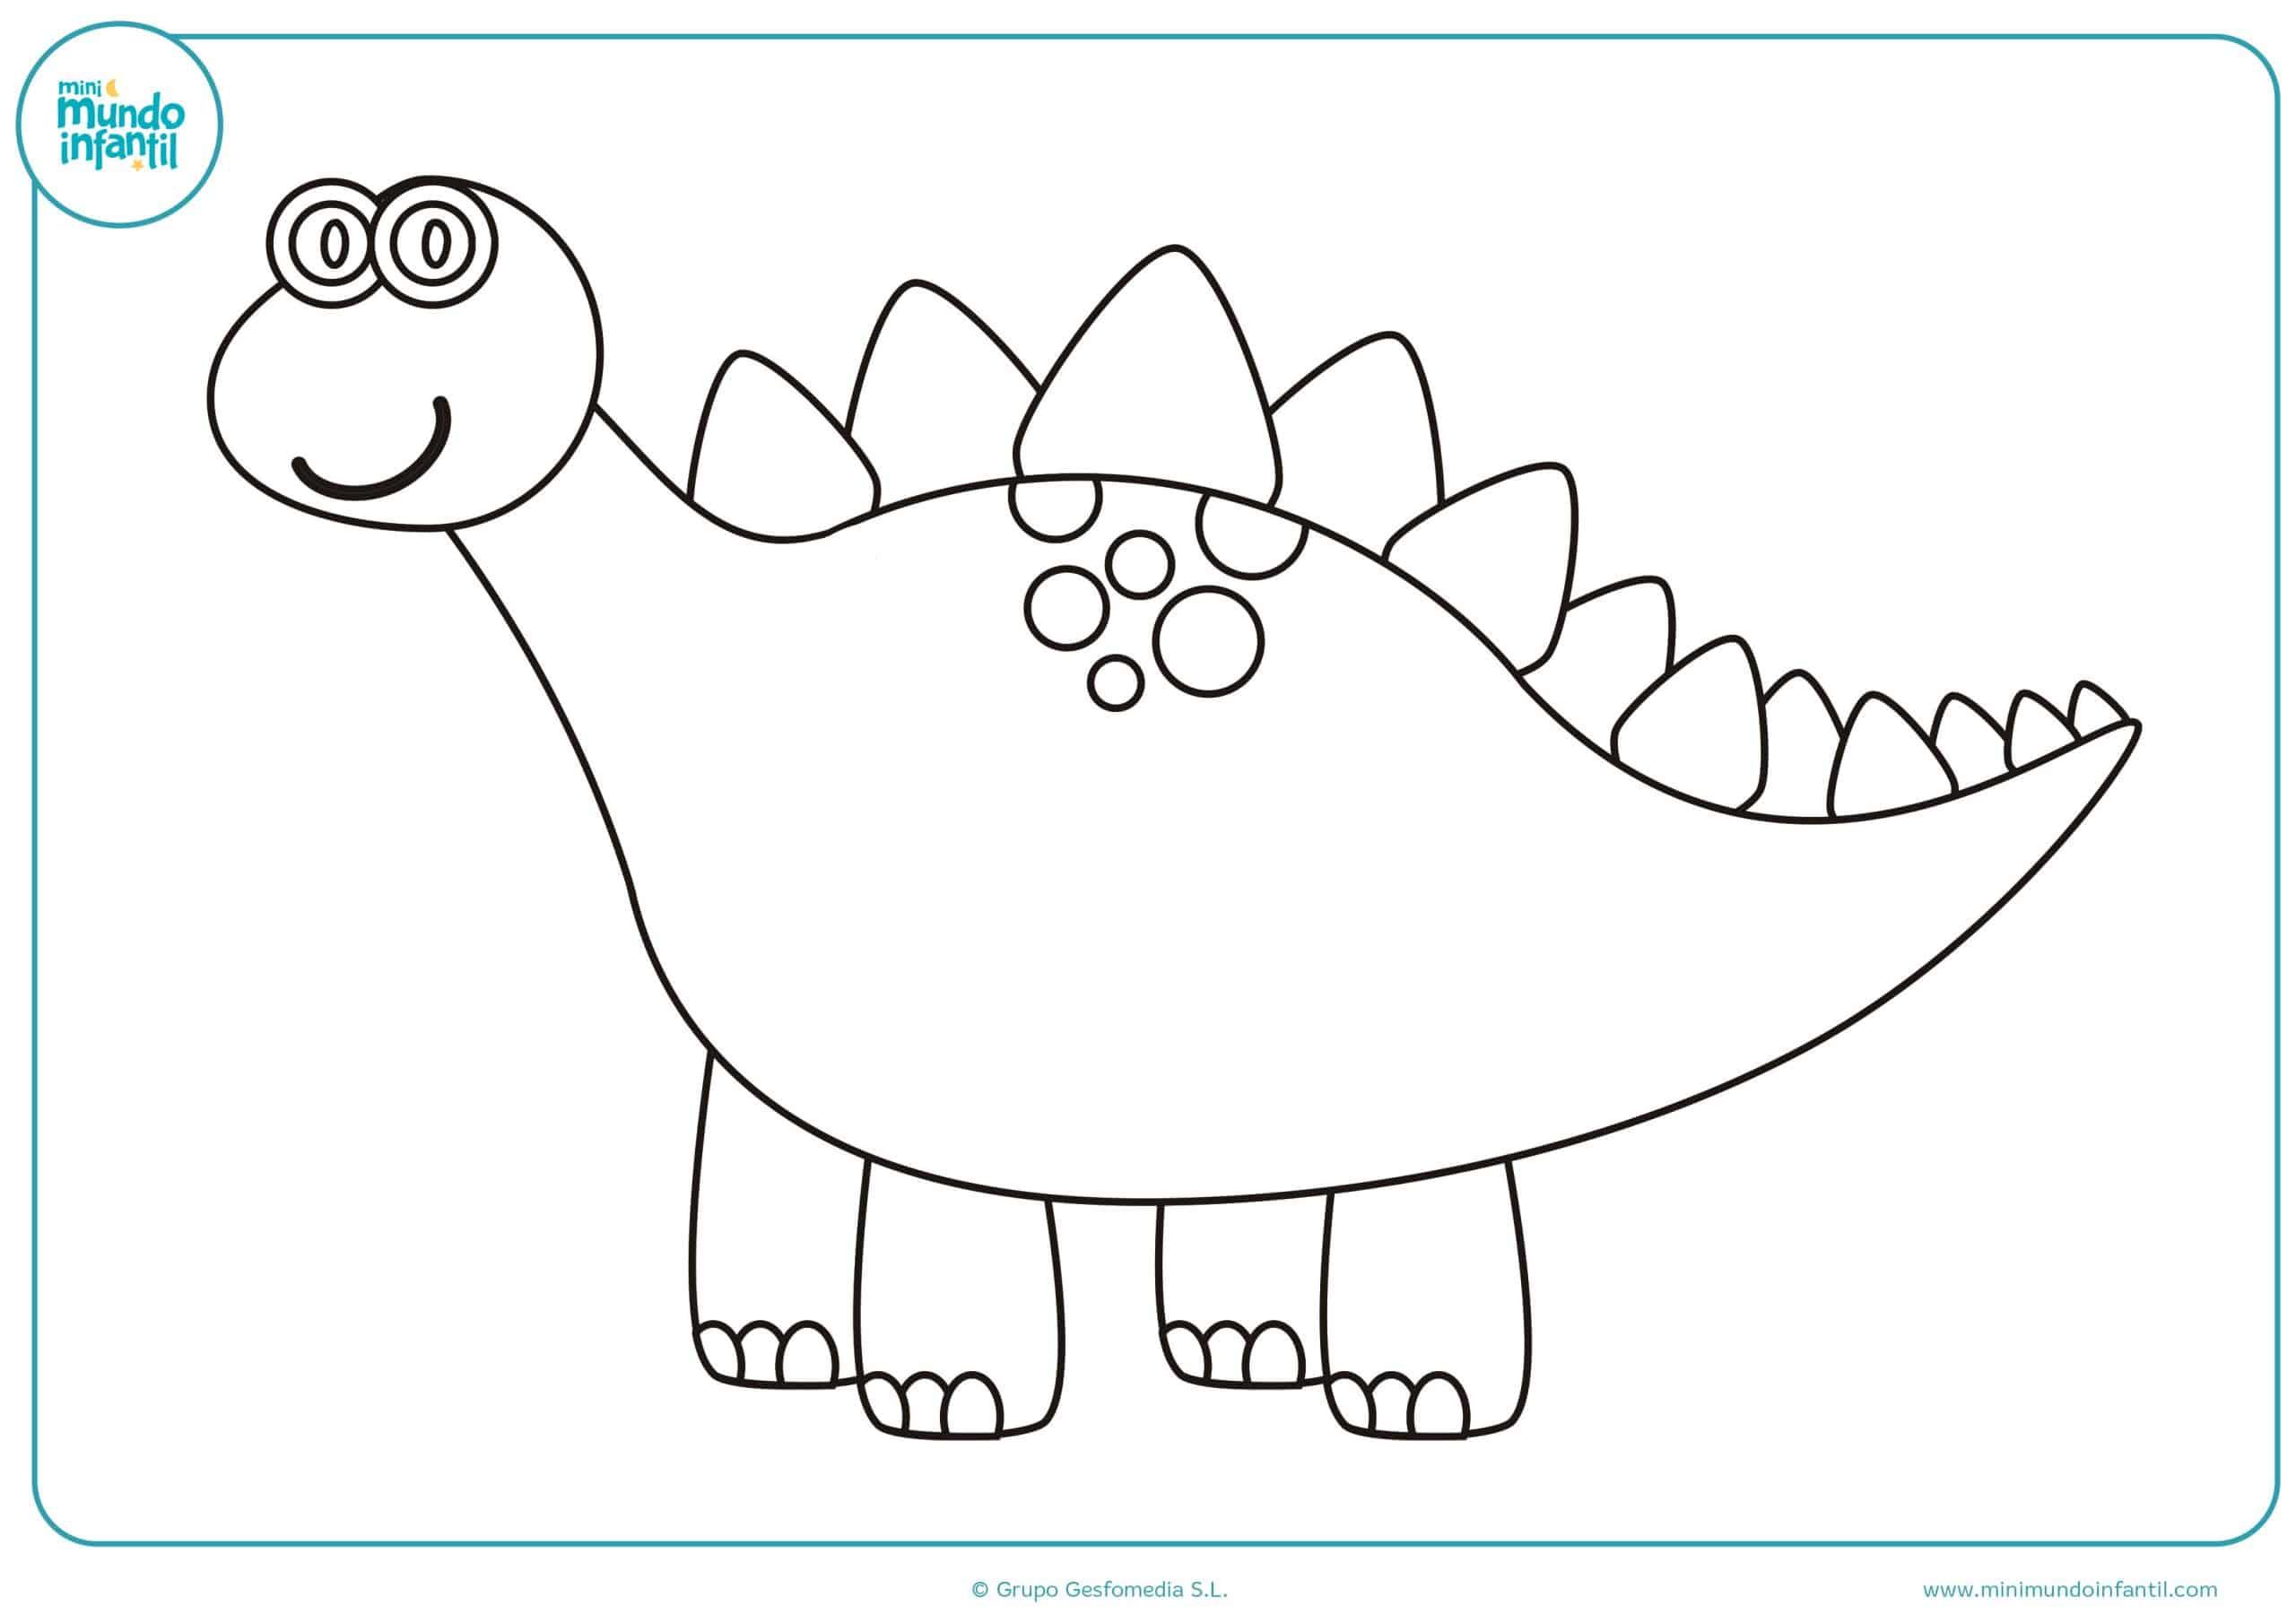 Dibujos De Dinosaurios Para Colorear Imprimir Y Pintar Entre los dinosaurios, aquellos que eran «voladores» despiertan una gran curiosidad y a la vez, son los grandes desconocidos. dibujos de dinosaurios para colorear